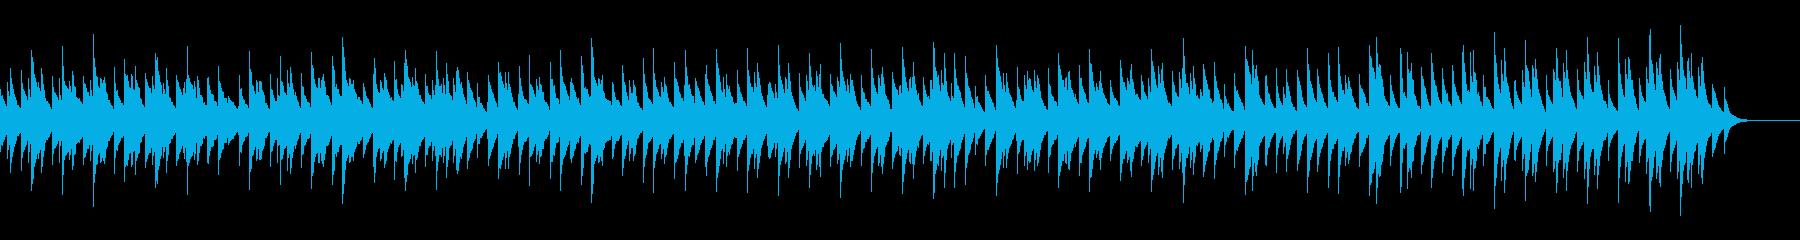 和風/情緒的なチェレスタ/企業PV/CMの再生済みの波形